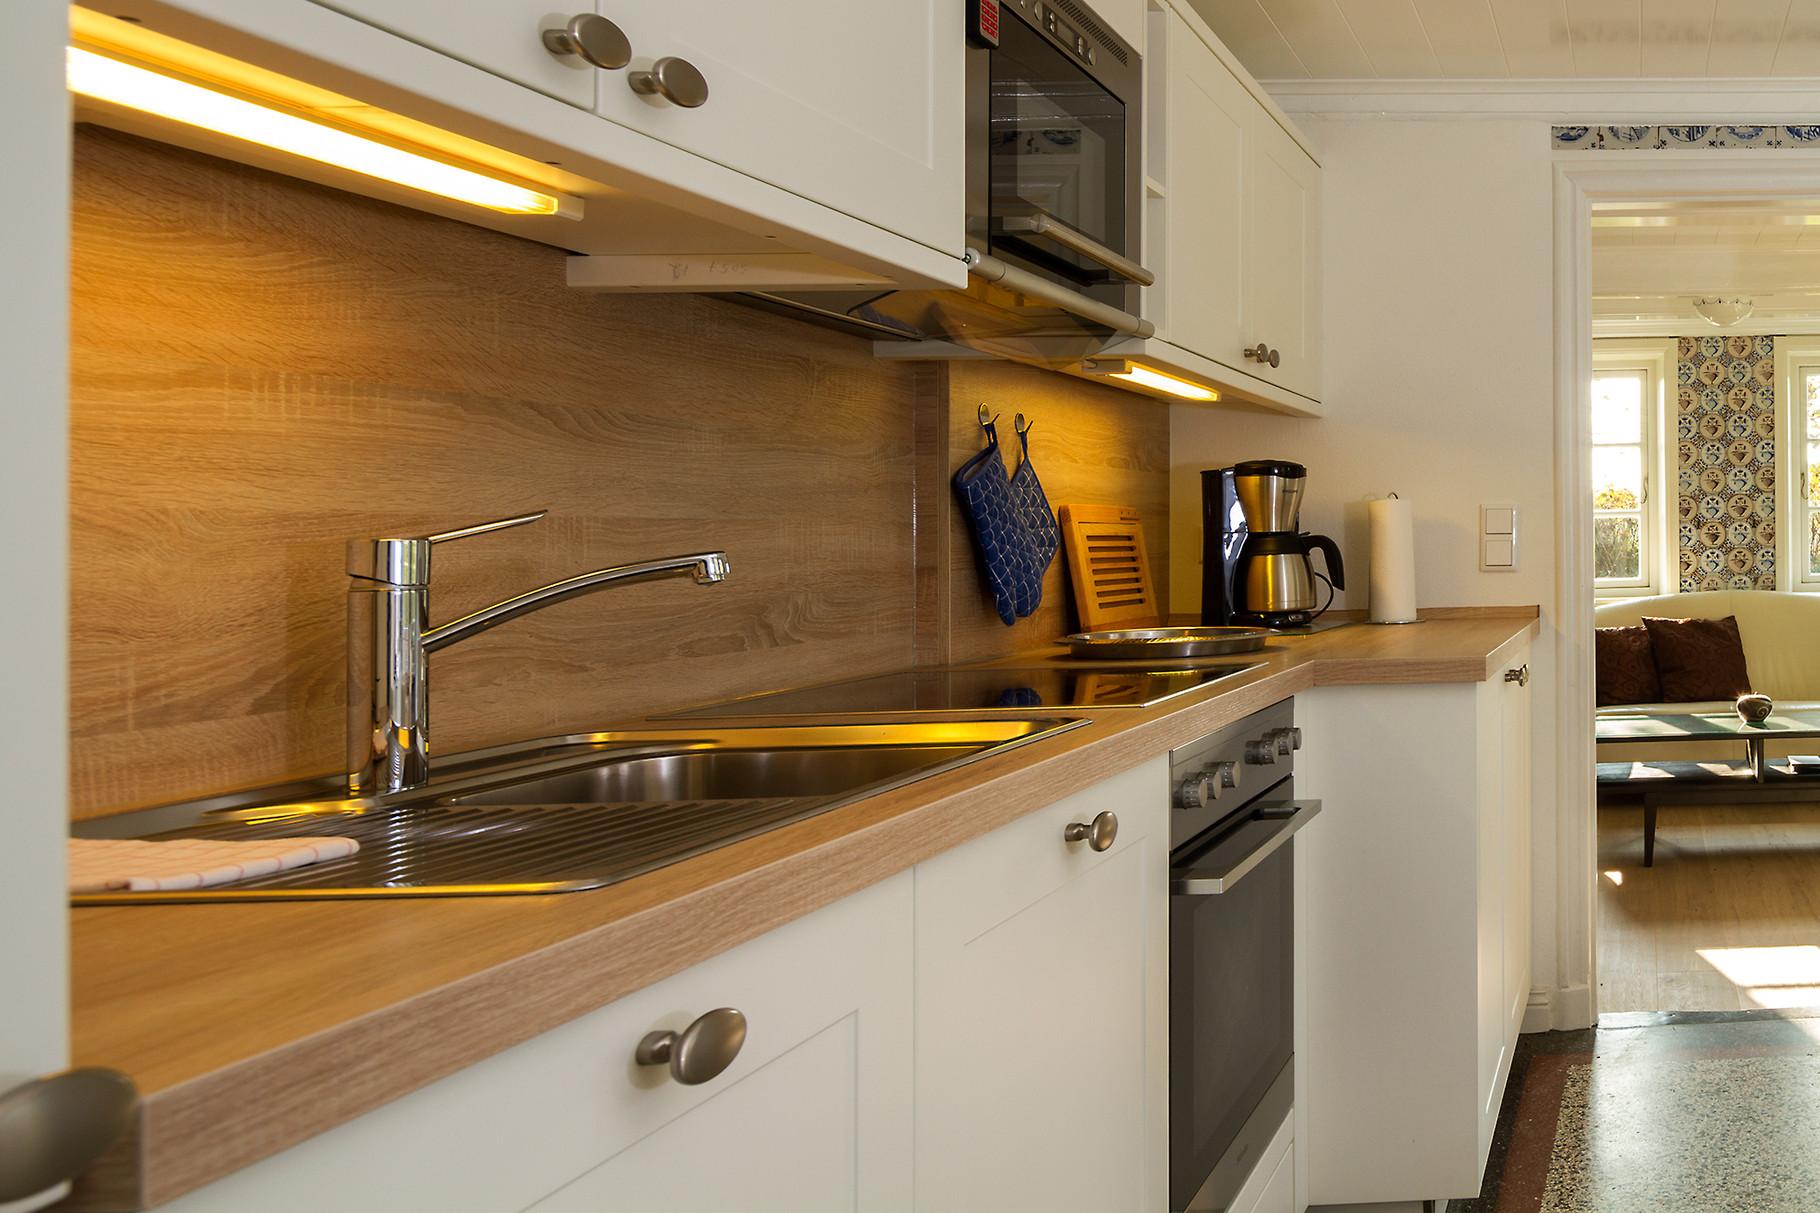 Kochbereich in einer Ferienwohnung.